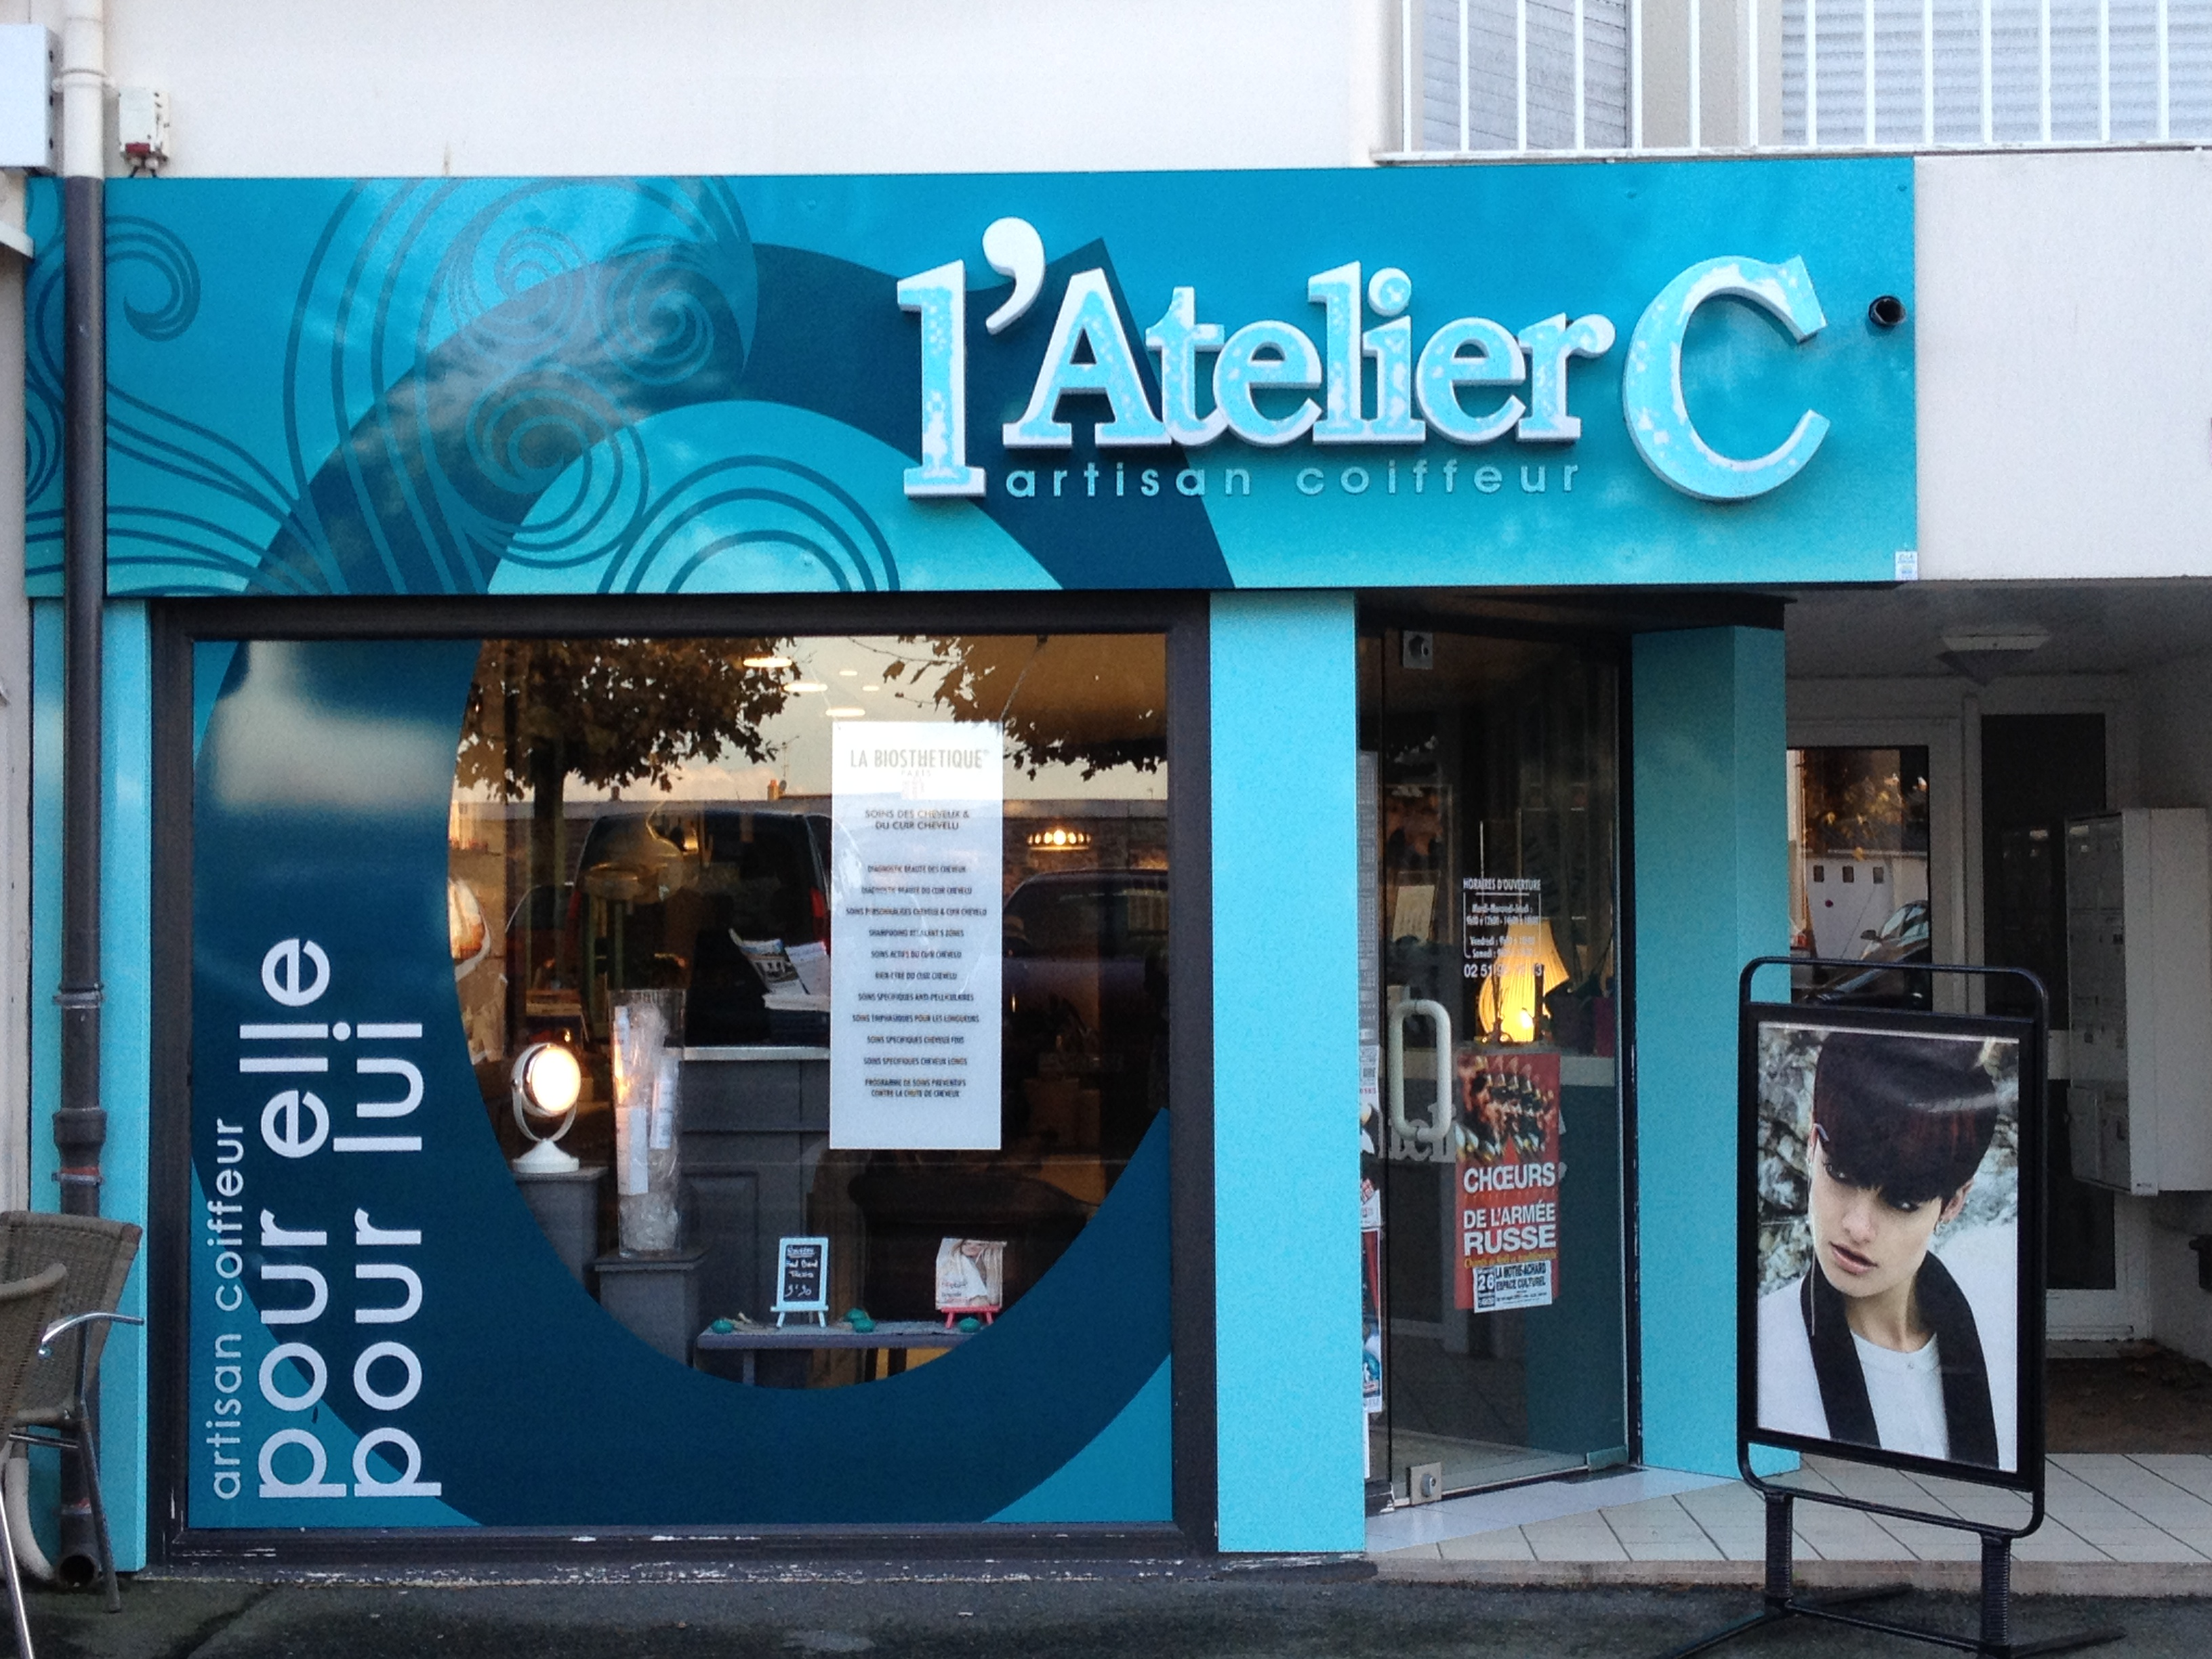 L'Atelier C